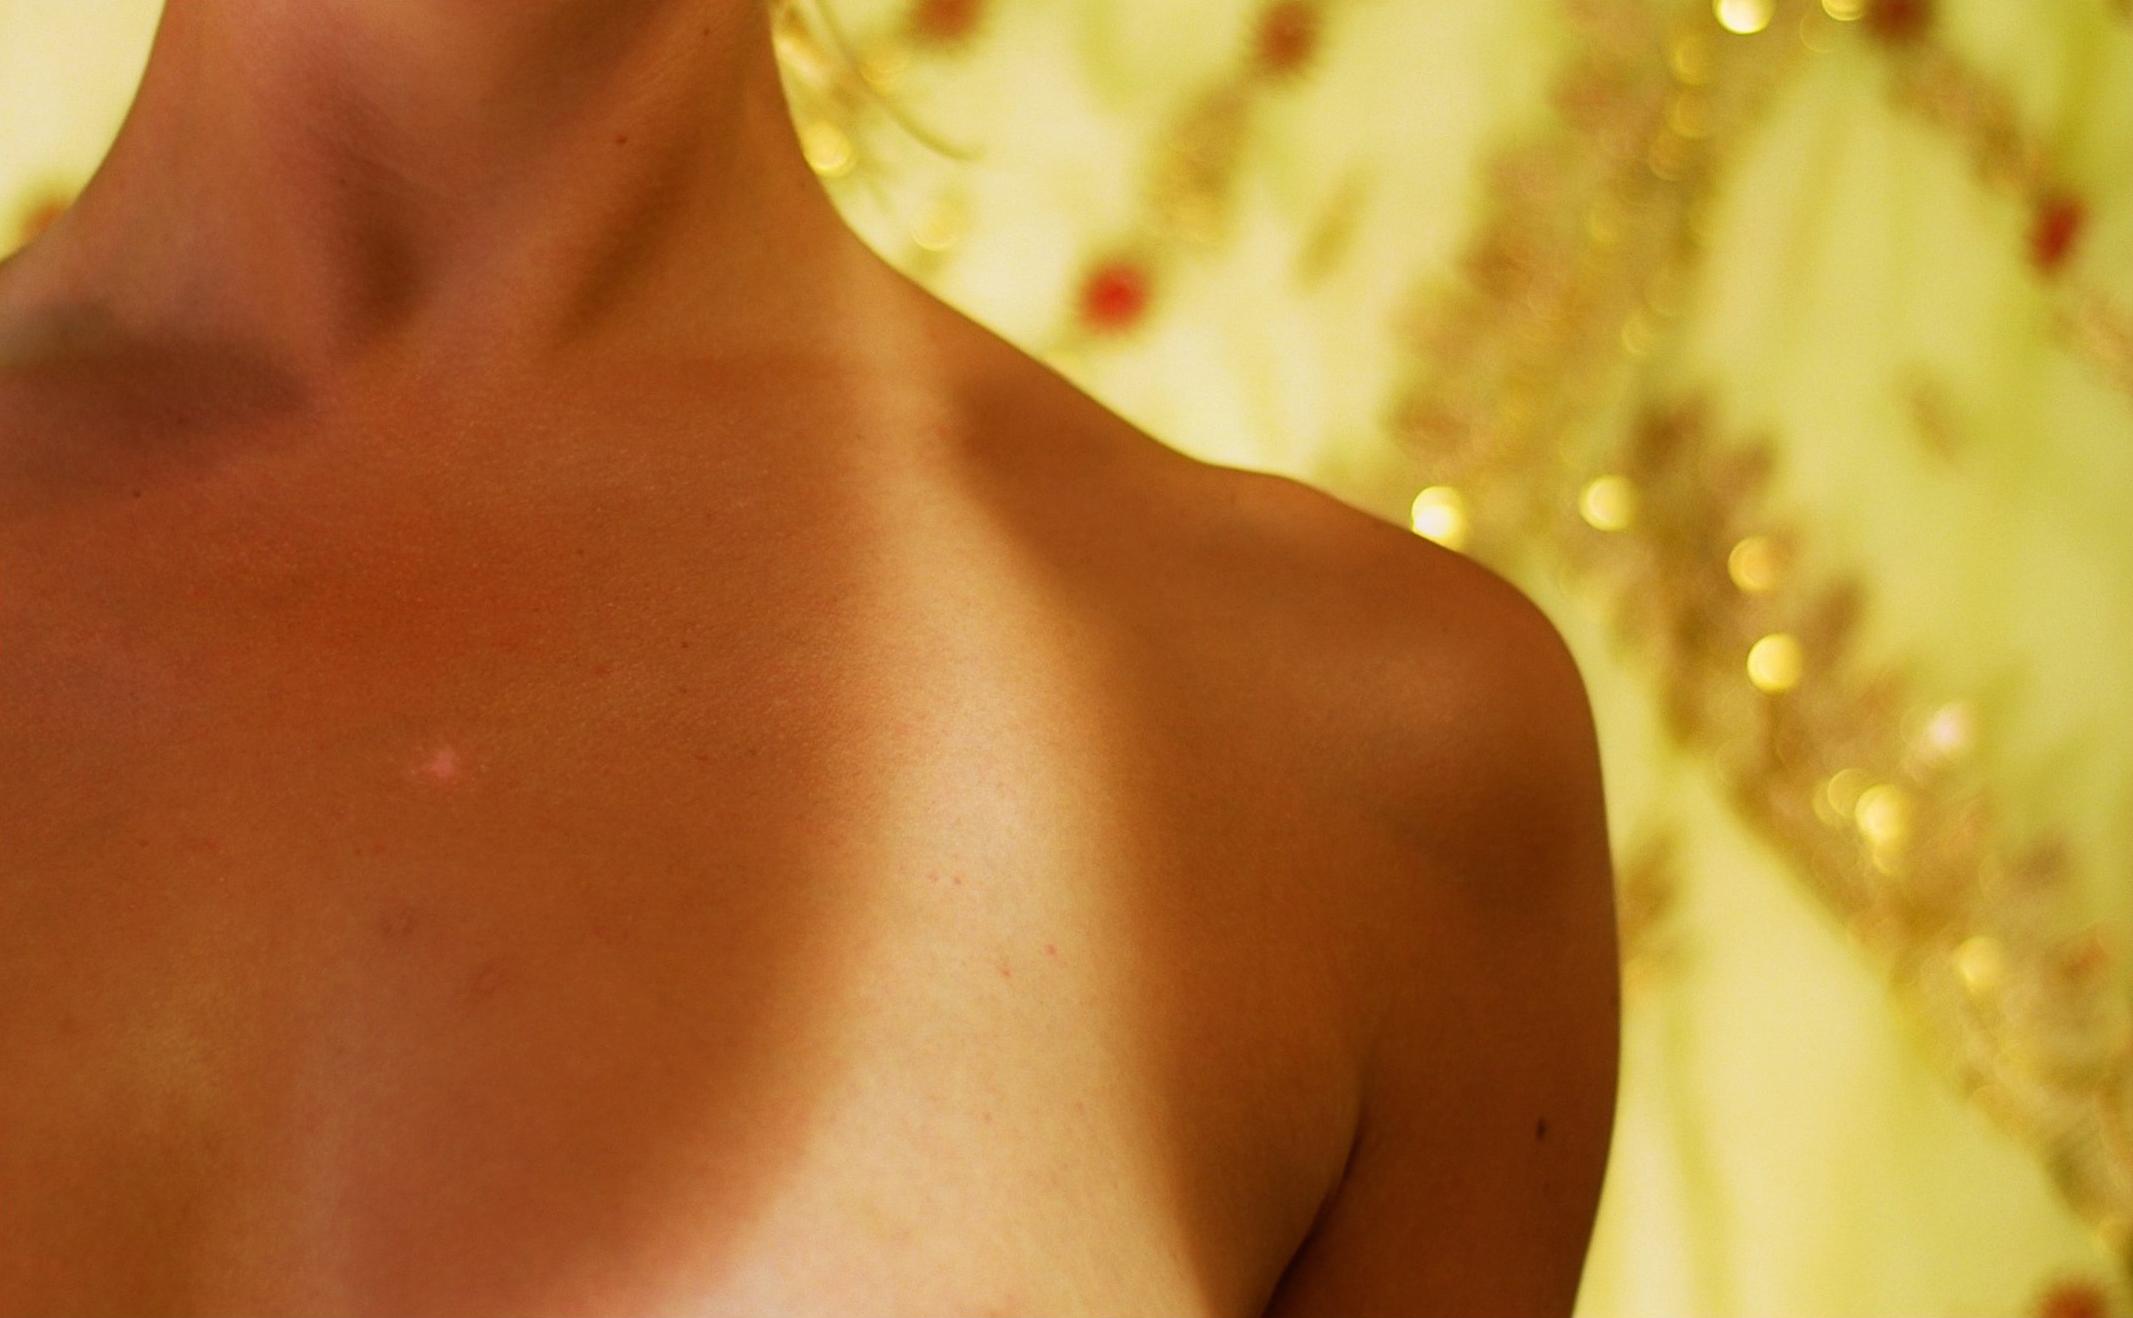 Description Tan Lines On Human Female Chest